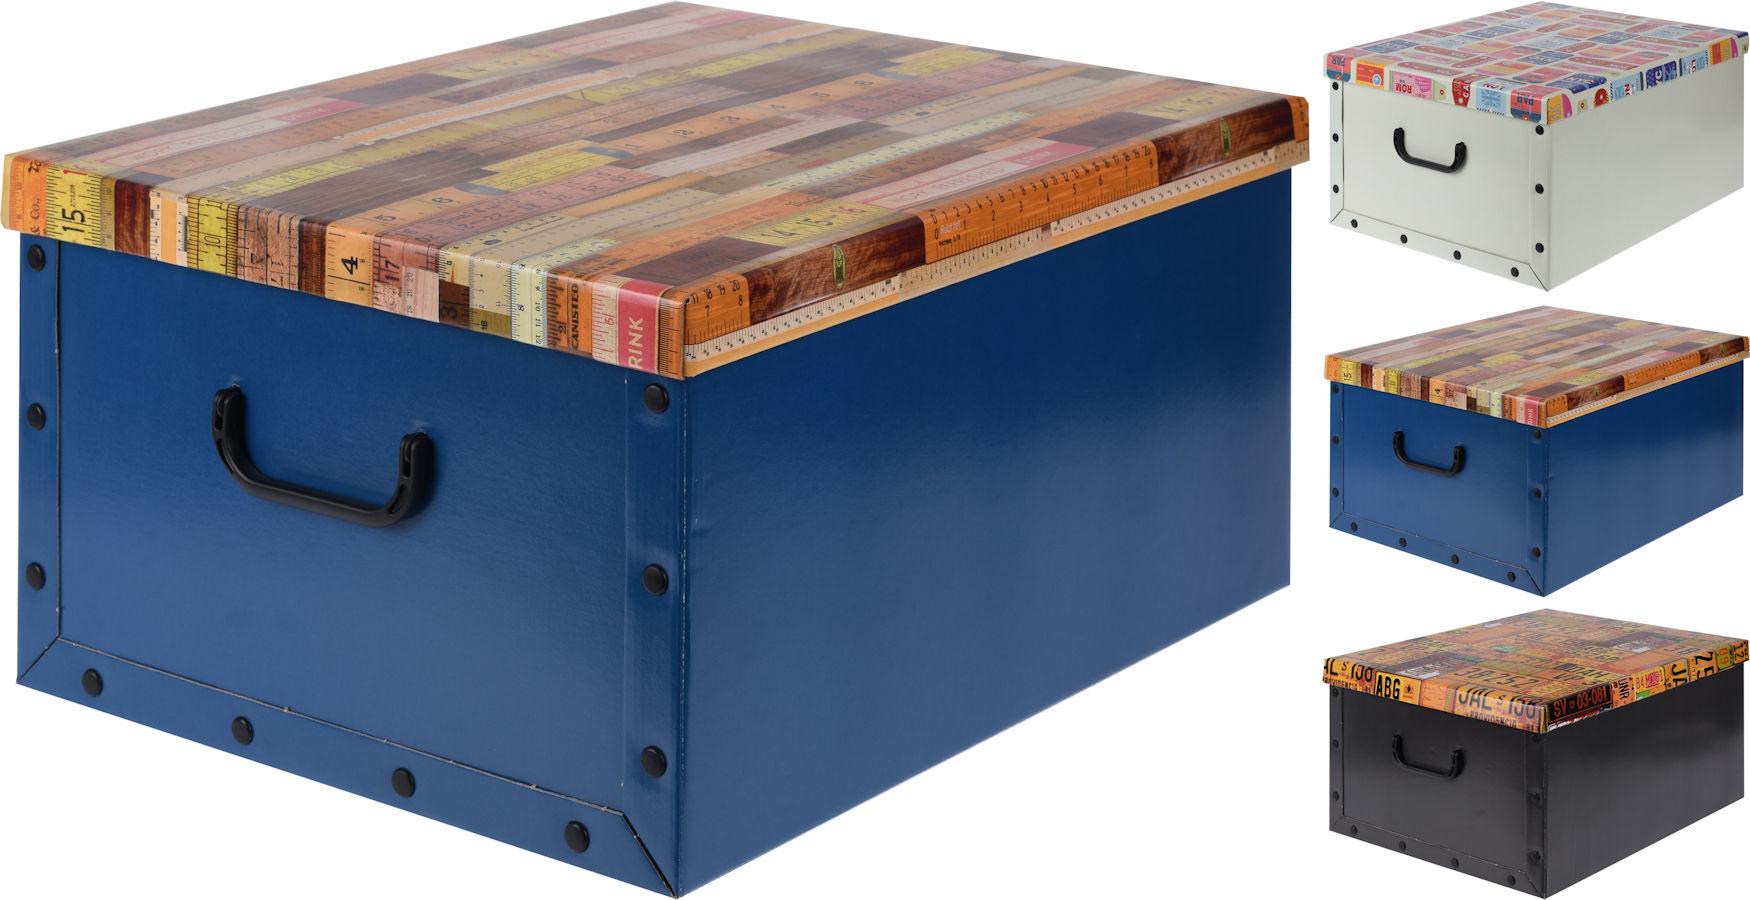 aufbewahrungsbox 3er set 6 motive auswahl box stapelbox dekobox geschenkbox ebay. Black Bedroom Furniture Sets. Home Design Ideas